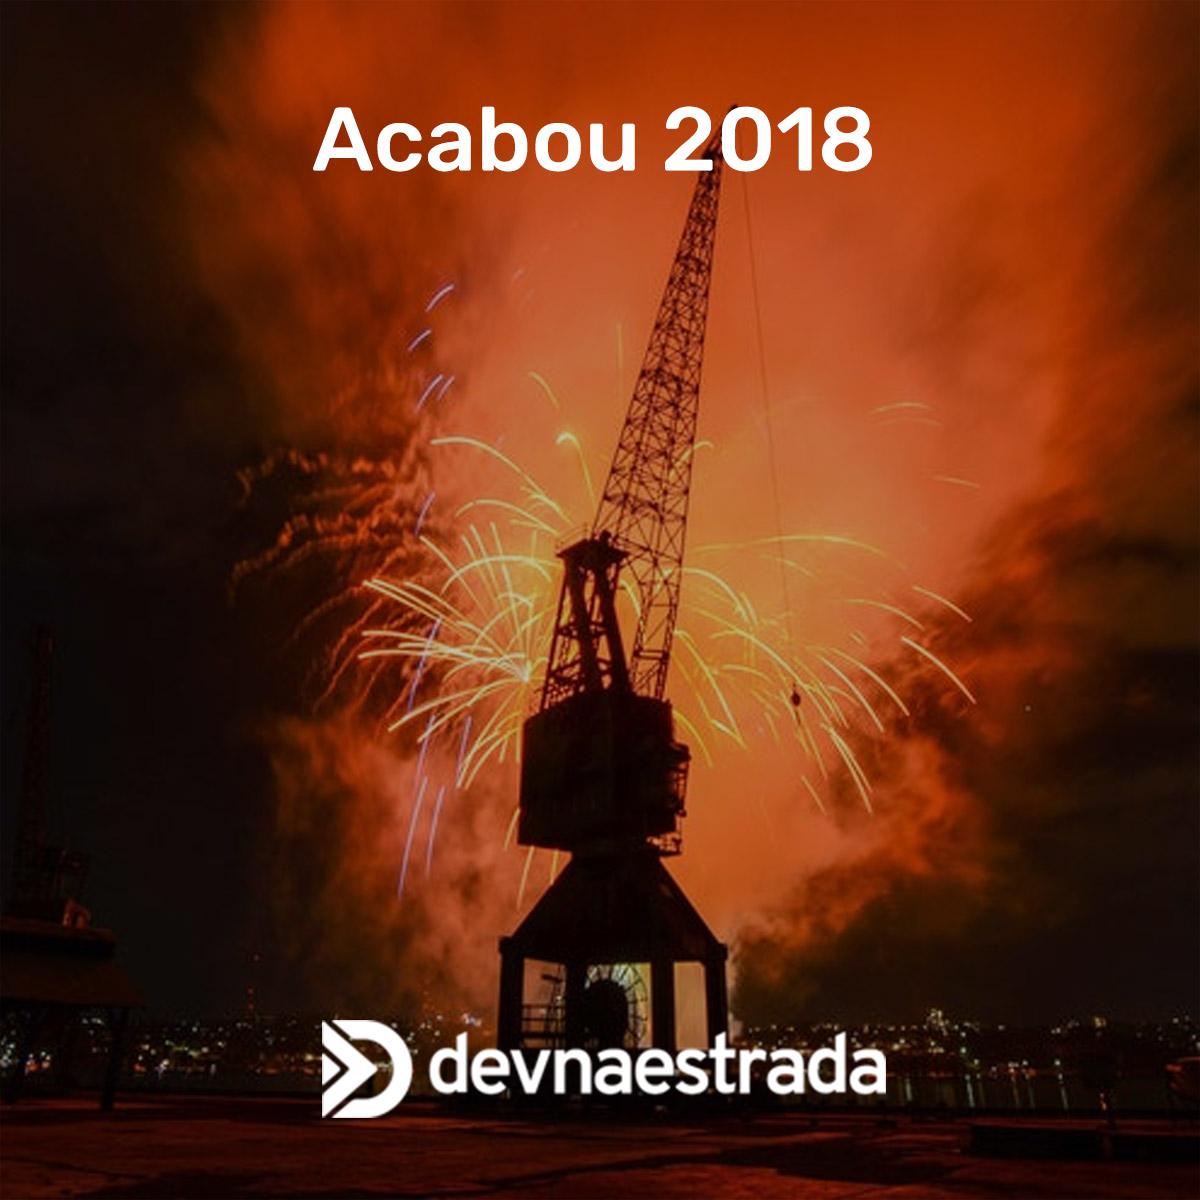 Acabou 2018